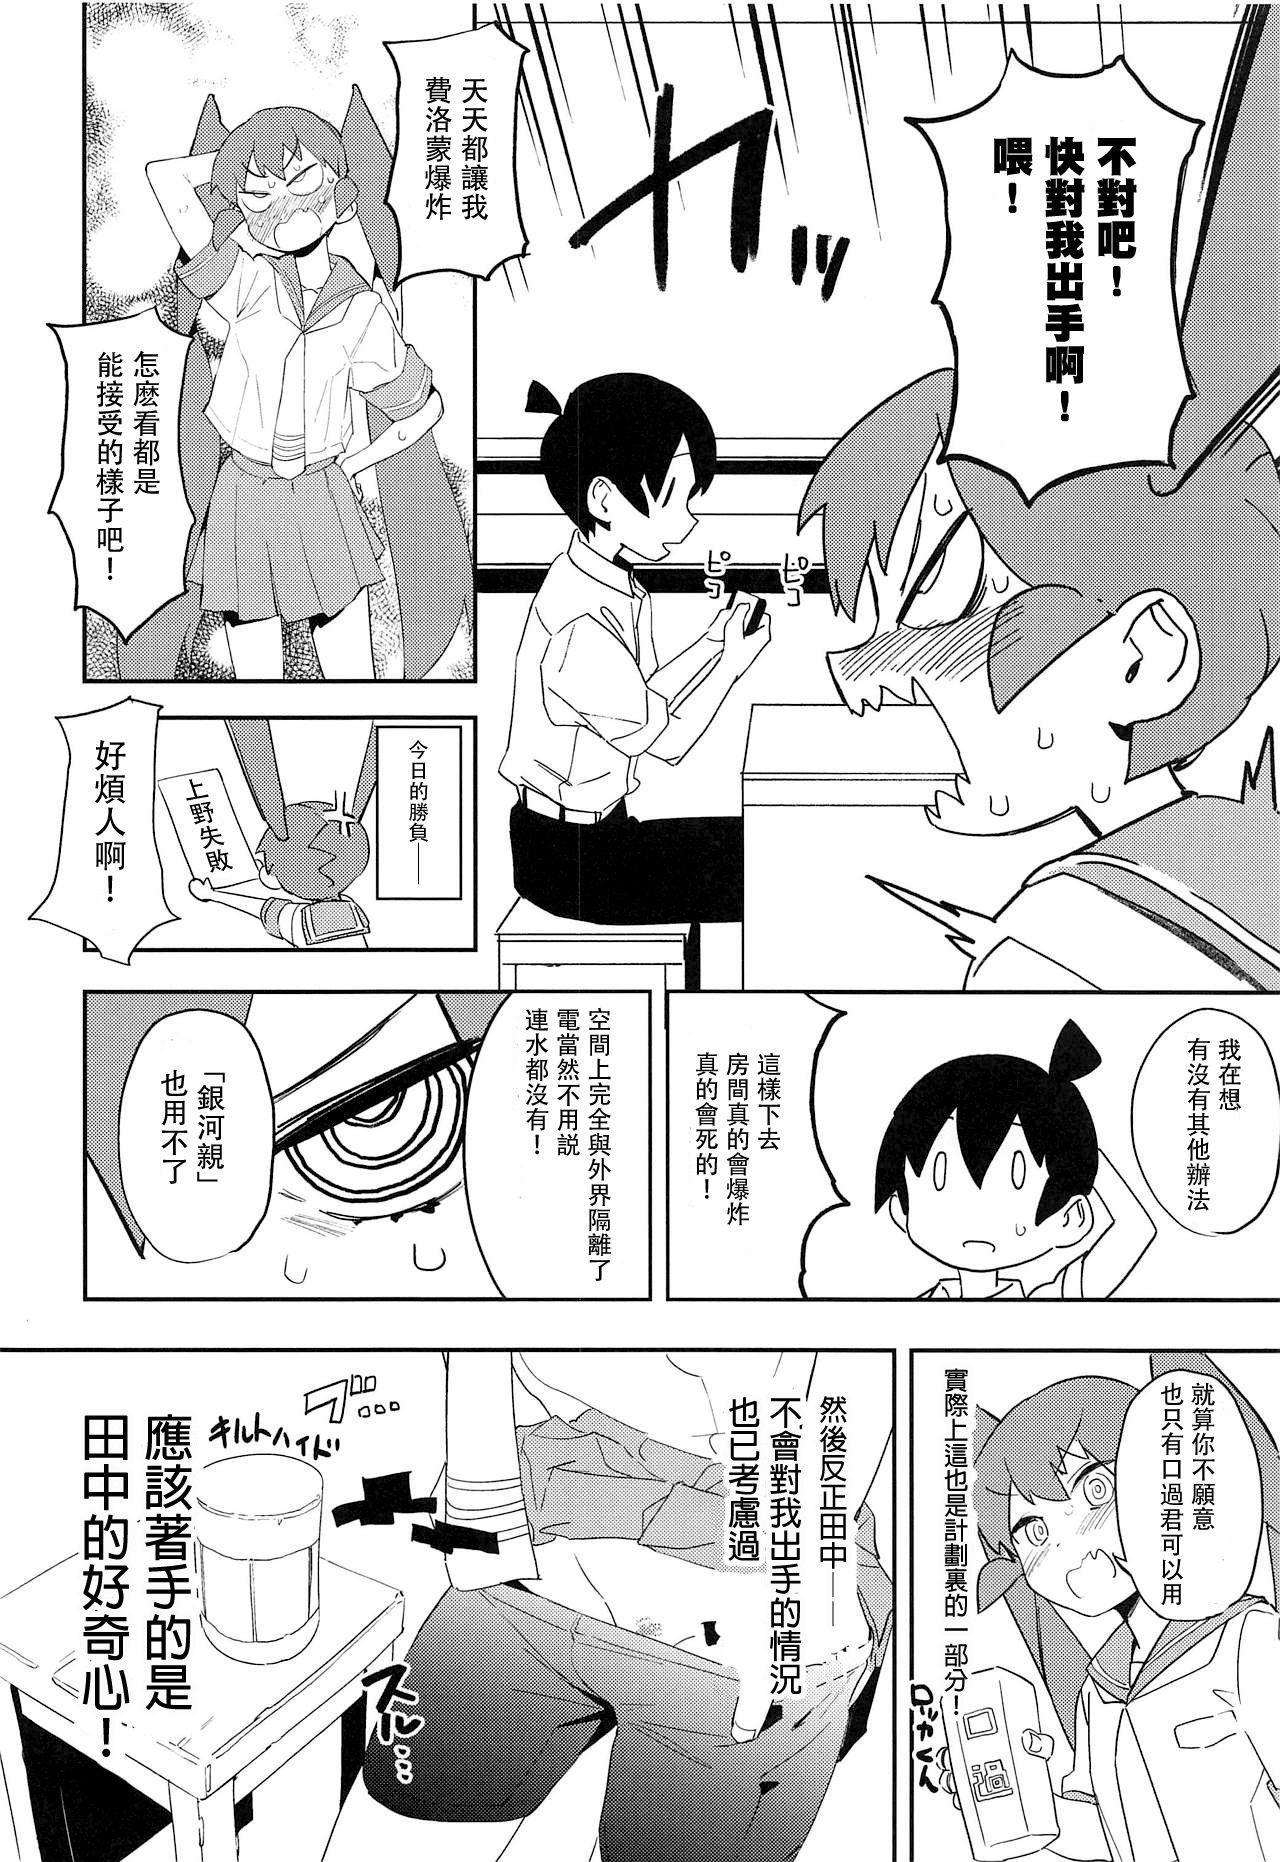 Ueno-san wa Iresasetai! 丨上野想讓我插個爽! 5